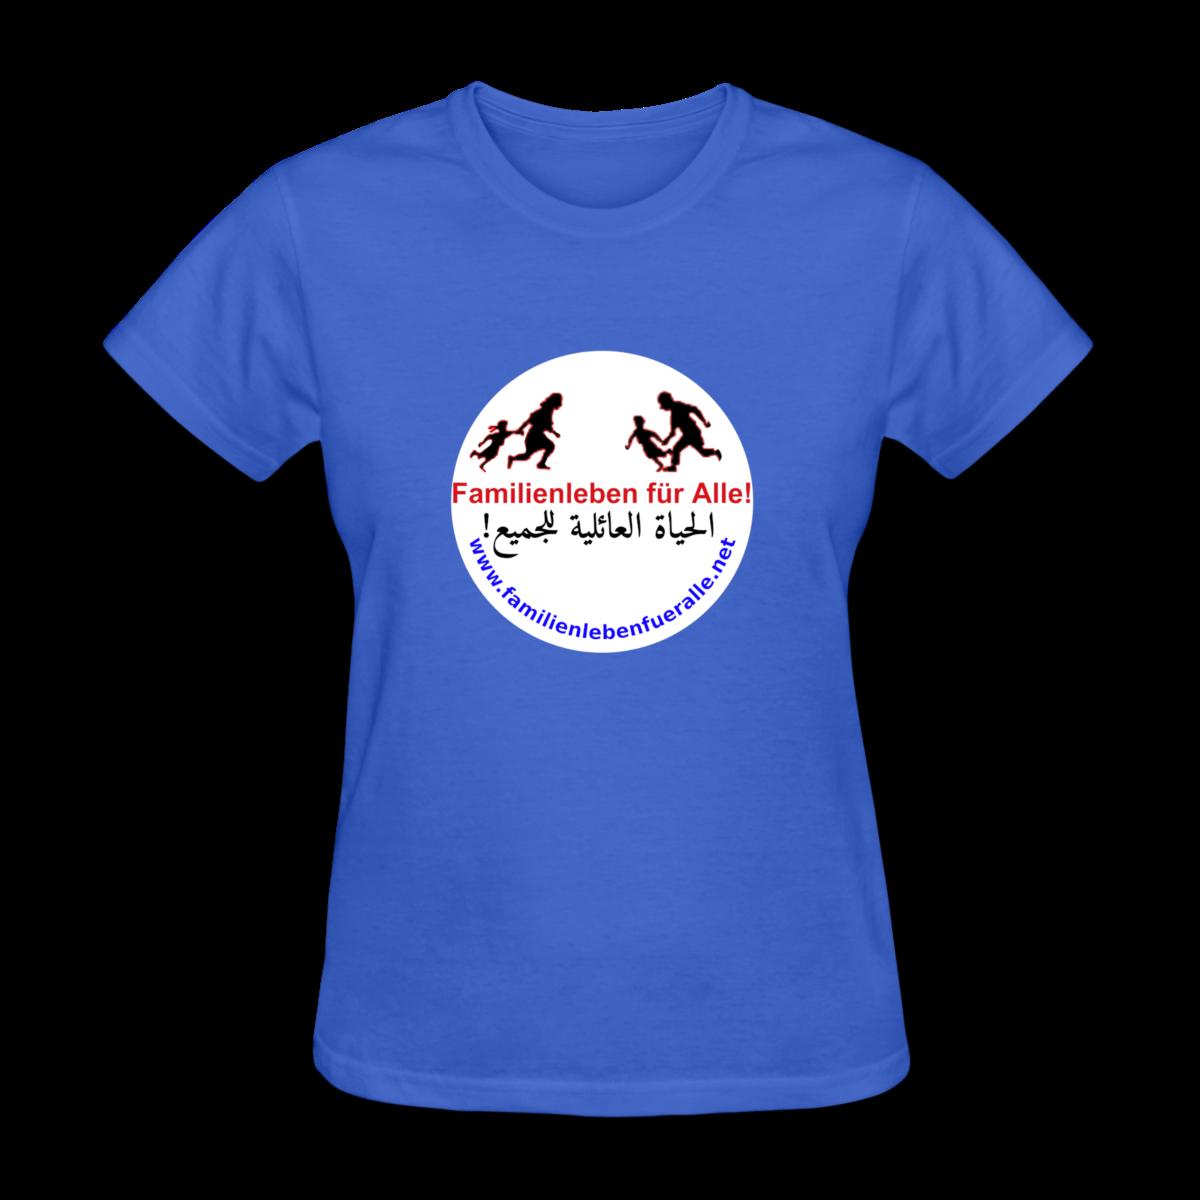 Umfrage: Welches T-Shirt gefällt dir?